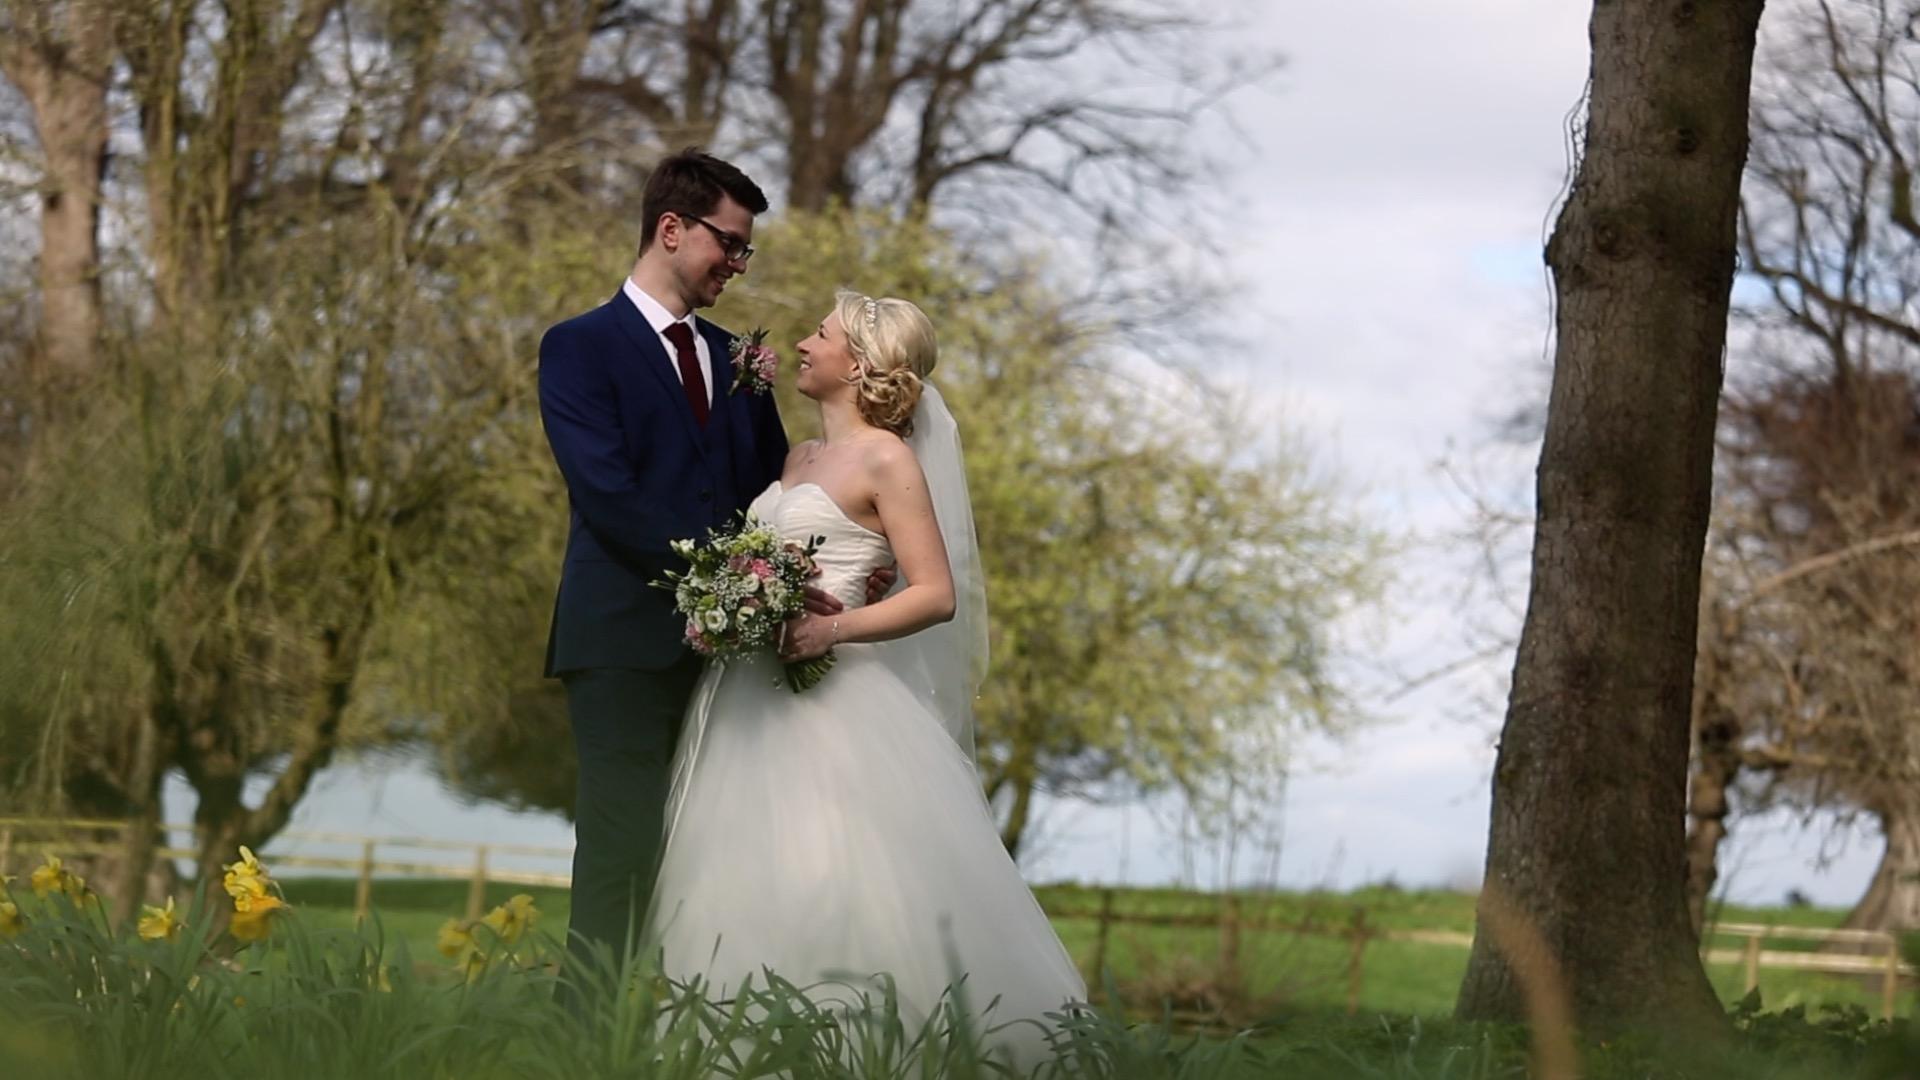 Shropshire Wedding Video